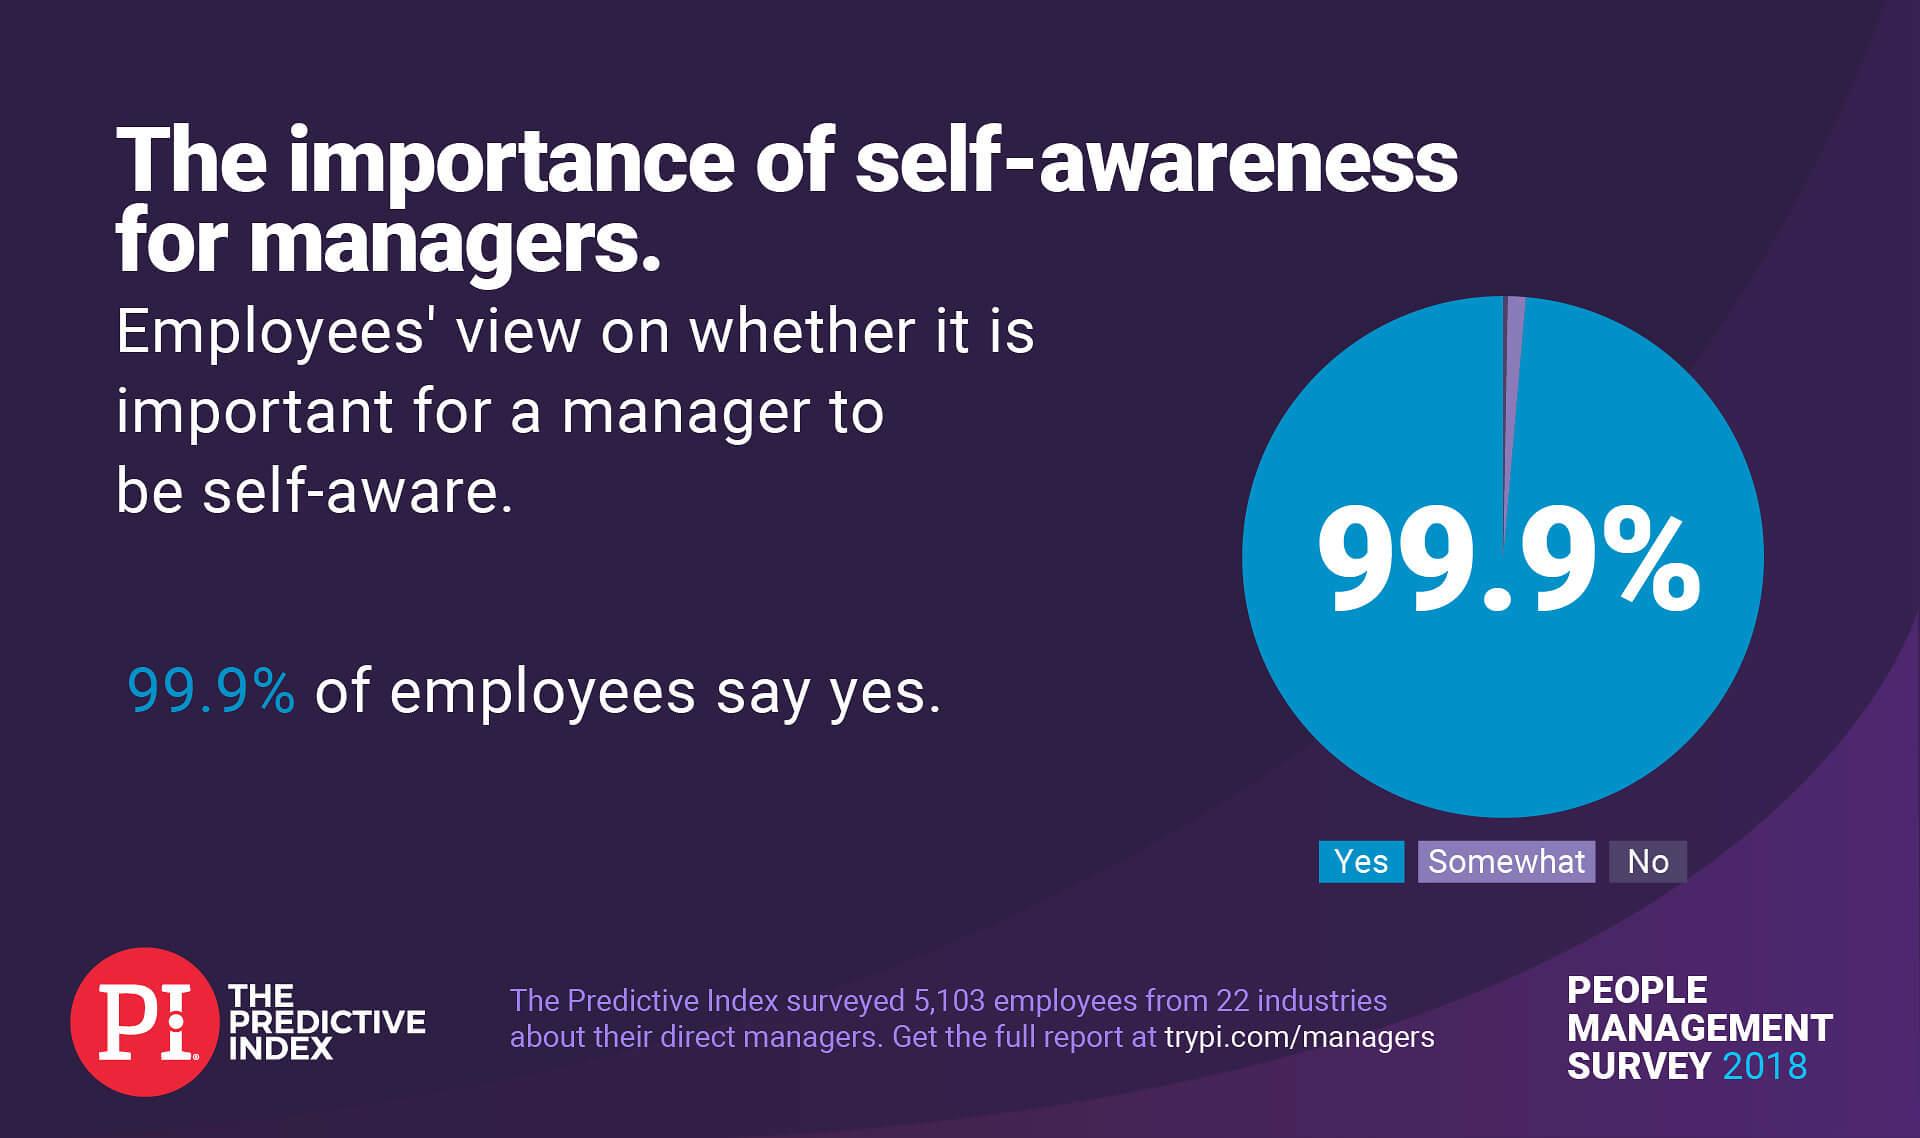 https://www.predictiveindex.com/management-survey-2018/